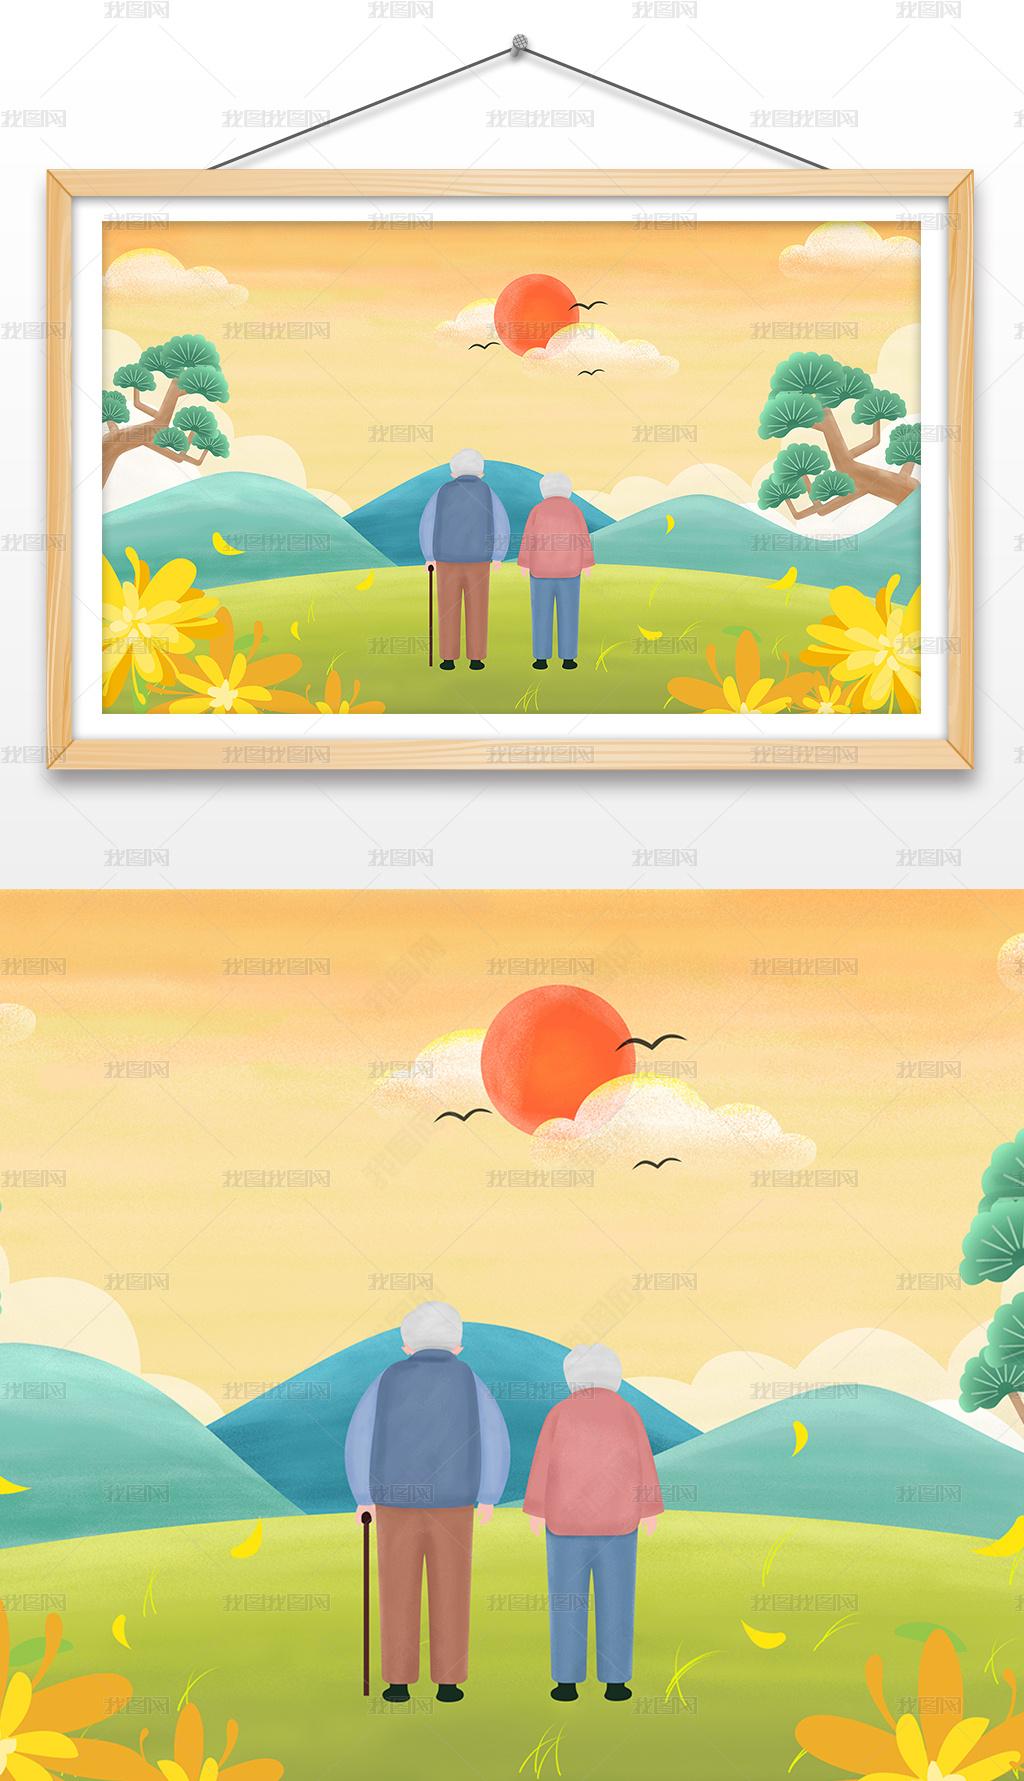 九九重陽節活動關愛老人敬老插畫海報微信背景圖片